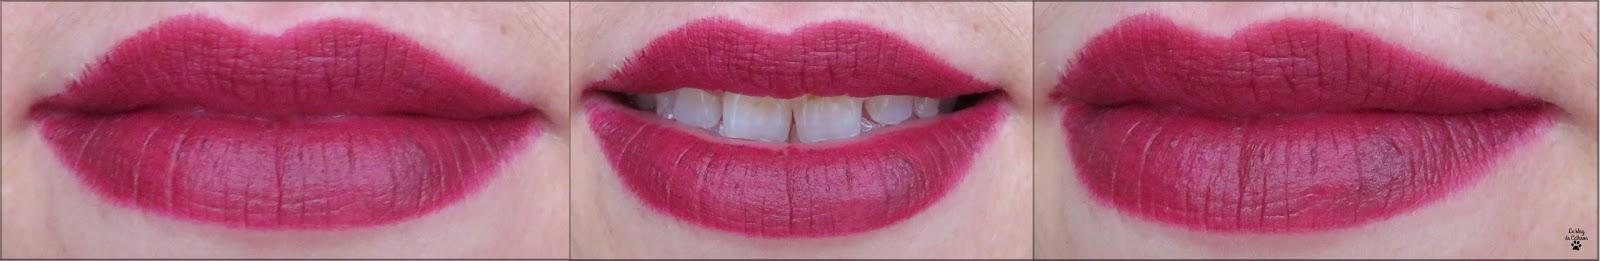 Vibrant Matte Lipstick - Uncorked - LOC